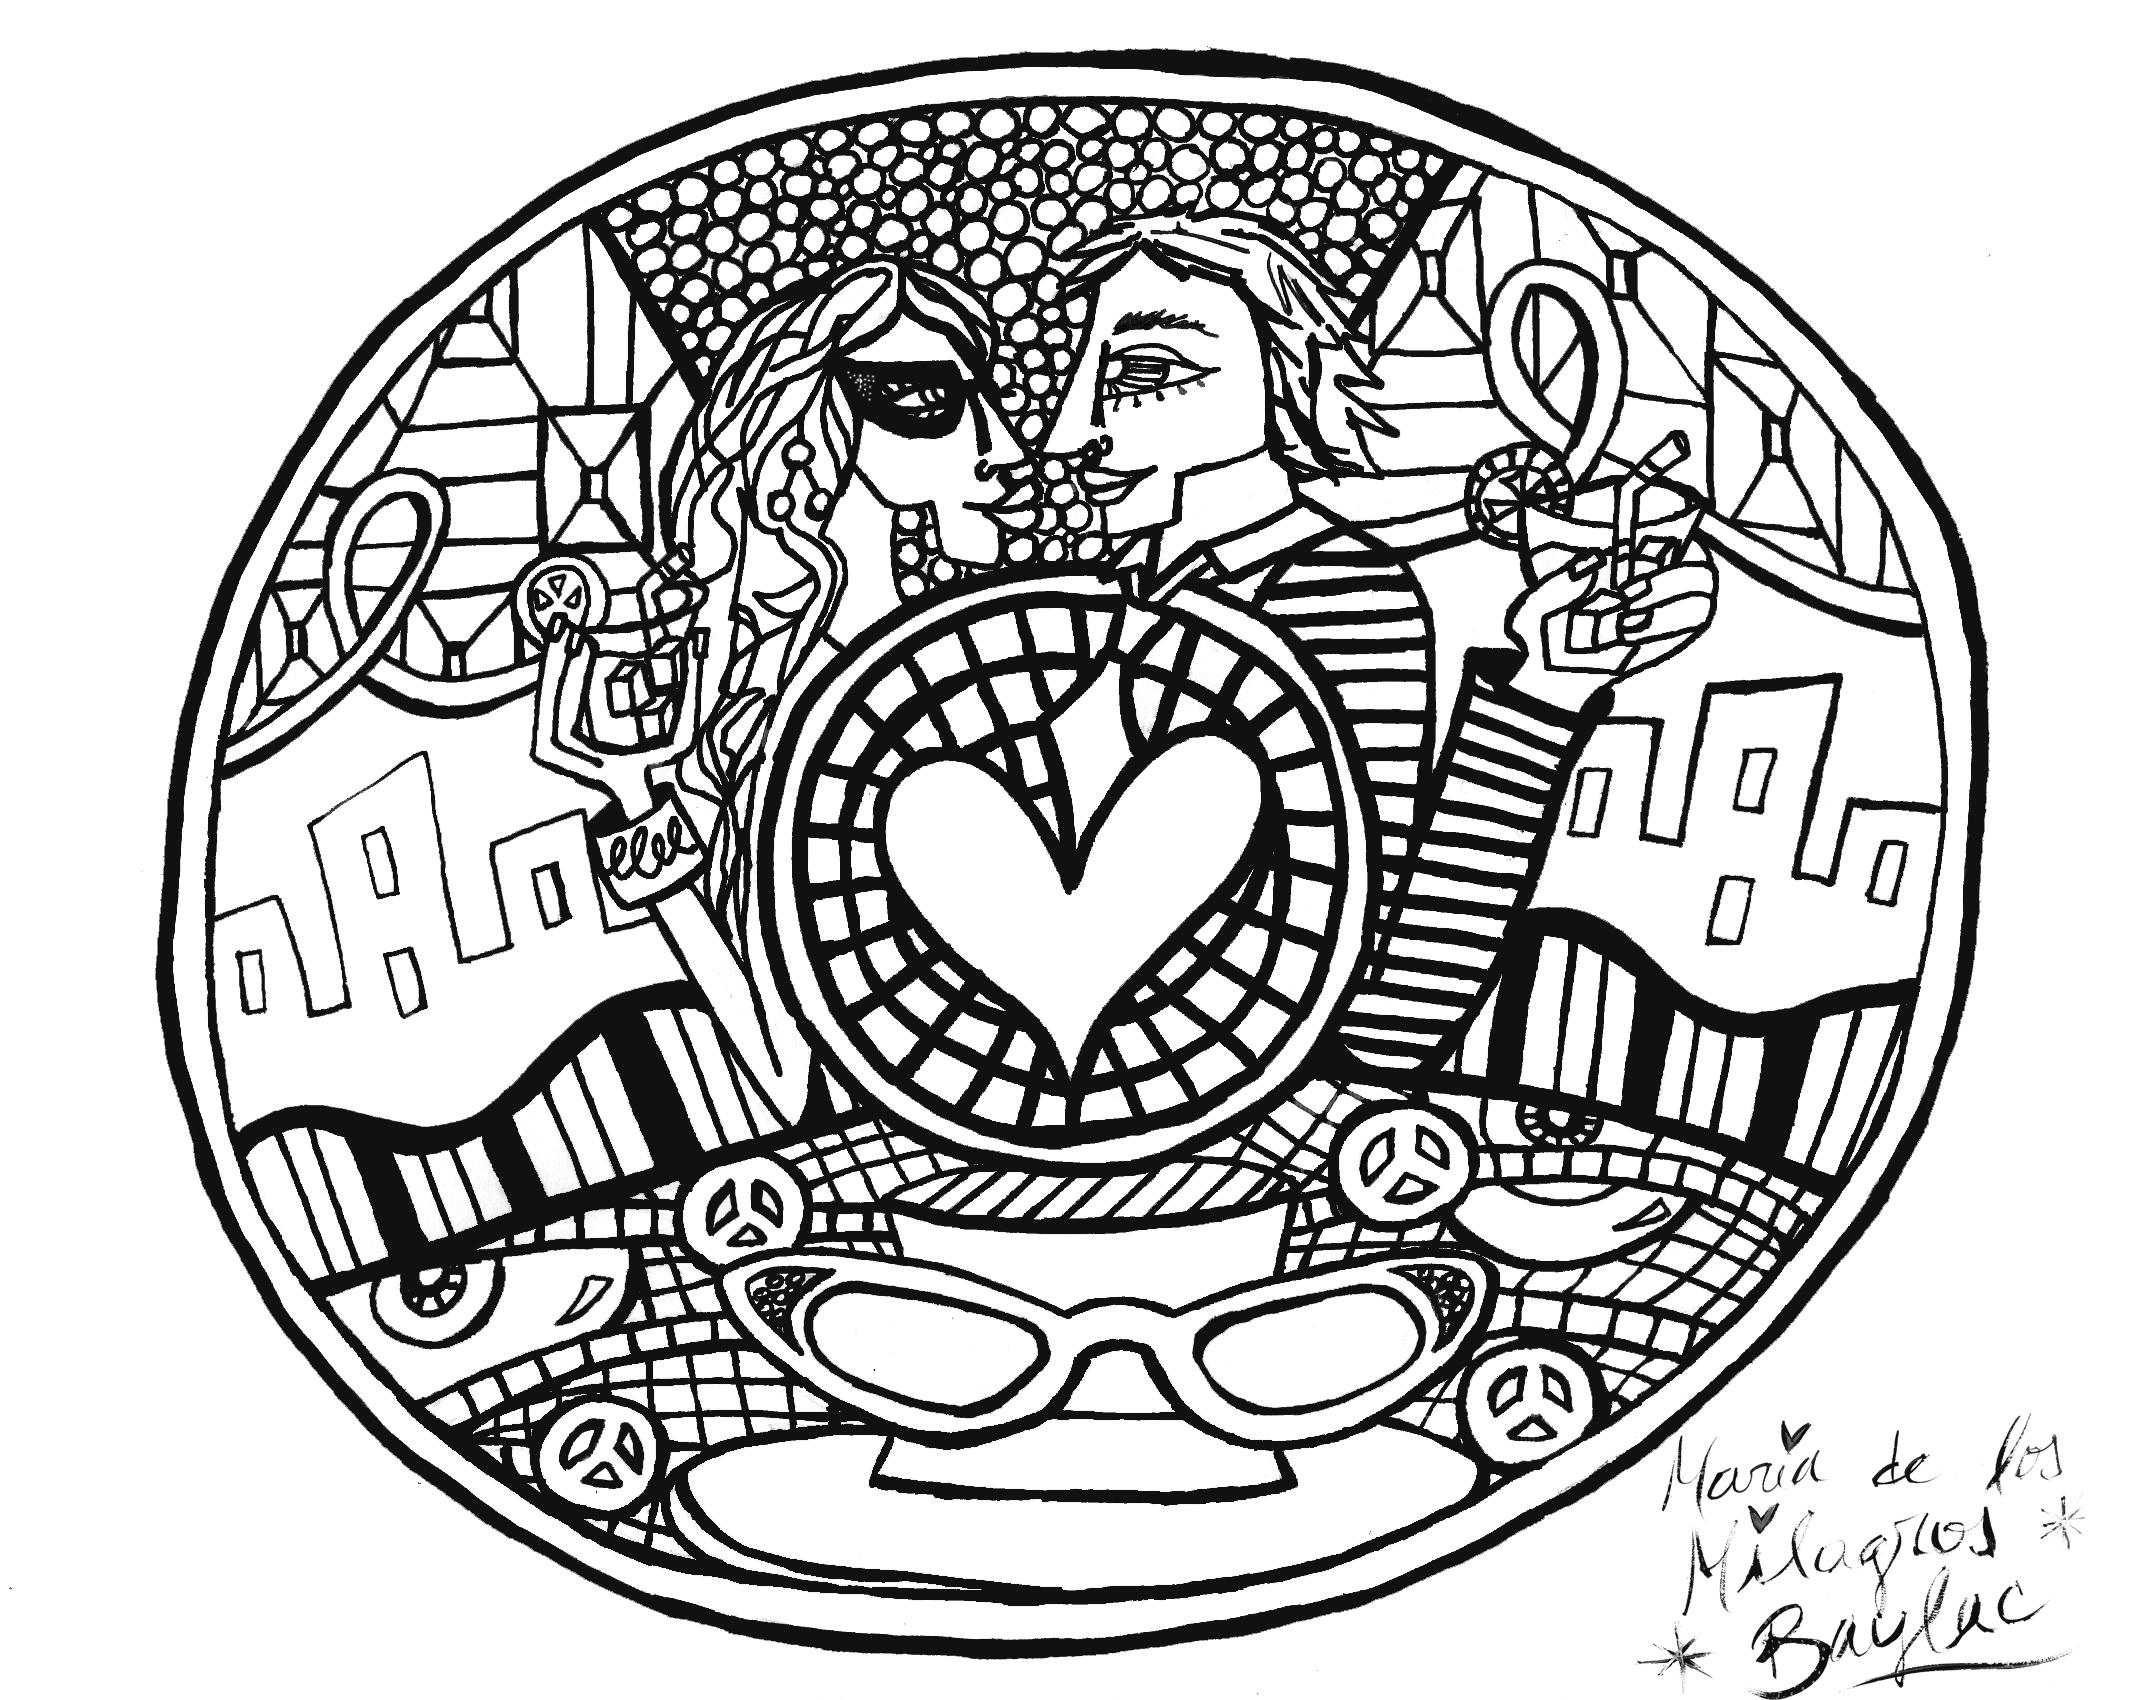 Dibujo De Mandala 11 Para Pintar Y Colorear En Línea: #ColoresDeMilagros